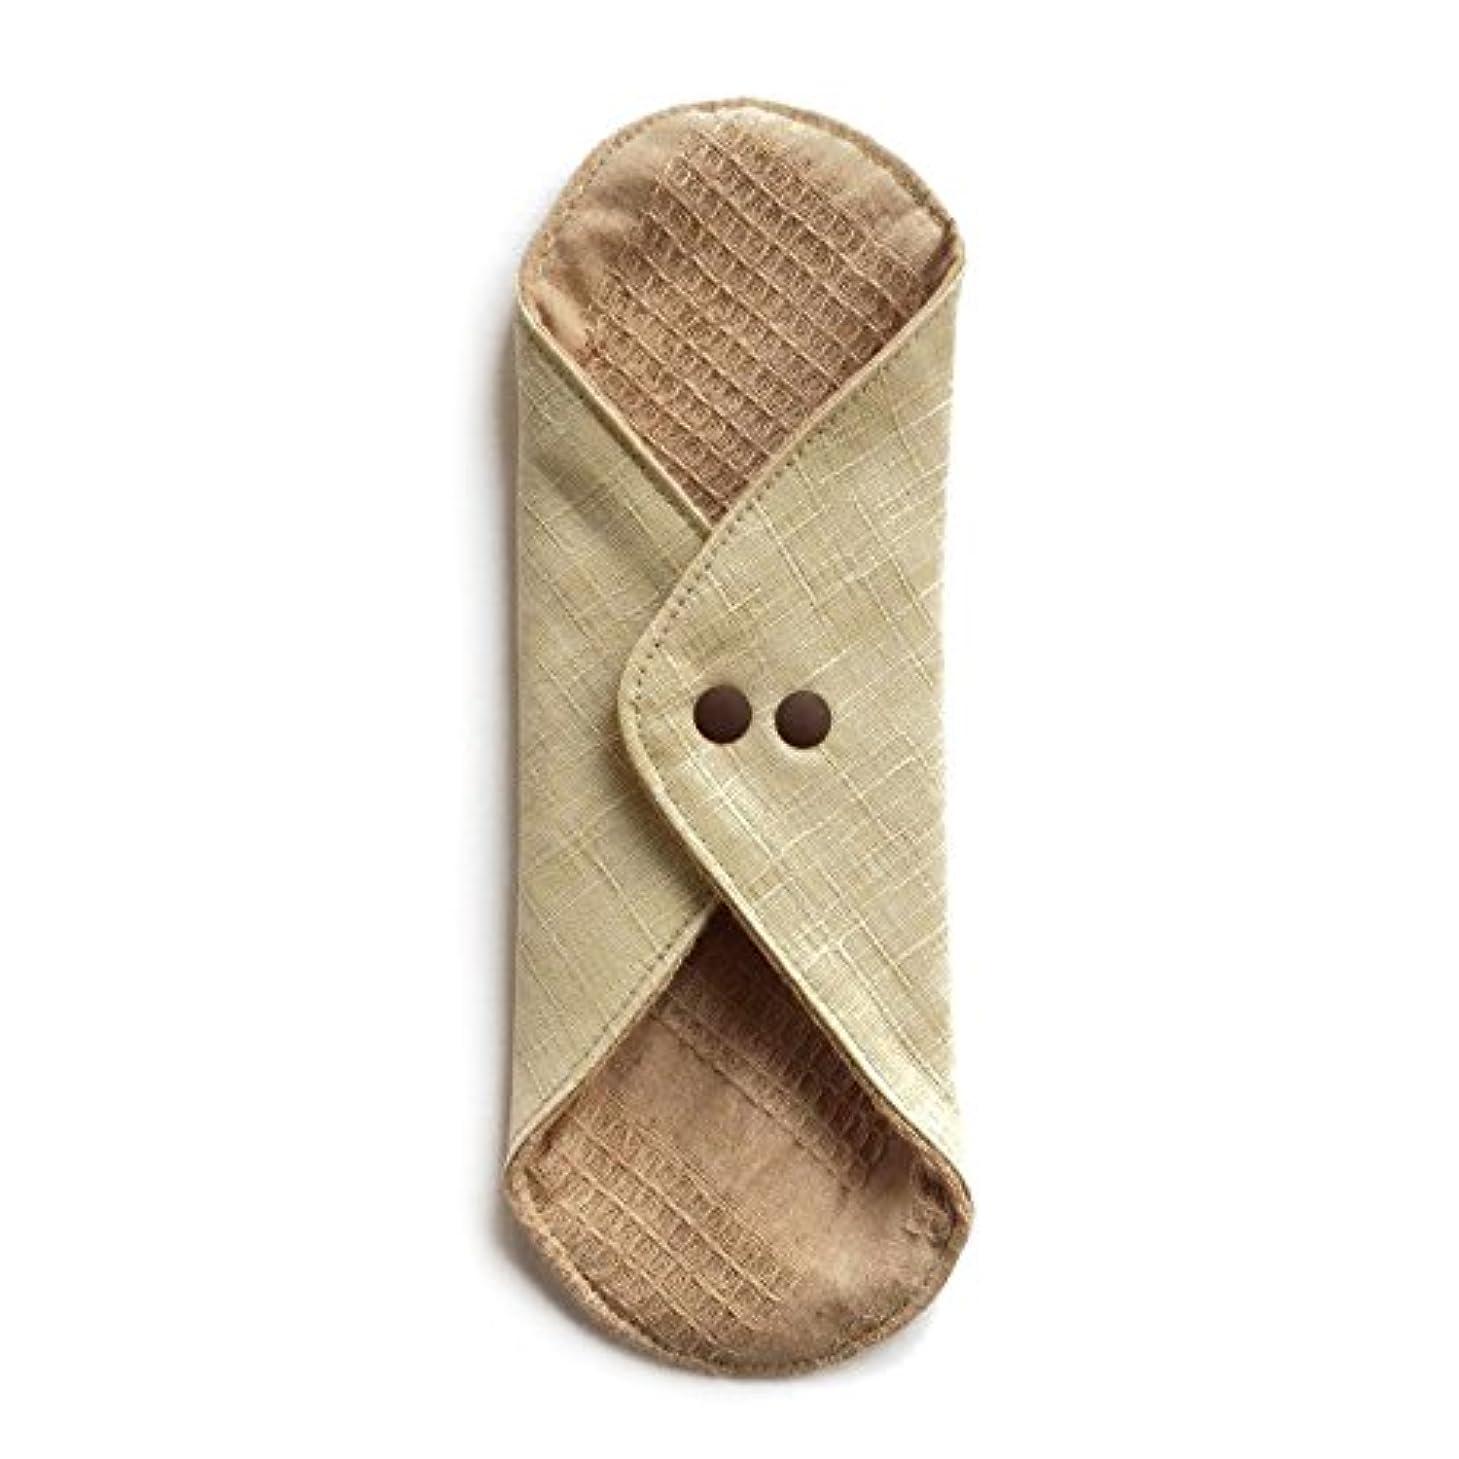 市長巻き取り雰囲気華布のオーガニックコットンのあたため布 Lサイズ (約18×約20.5×約0.5cm) 彩り(百合)